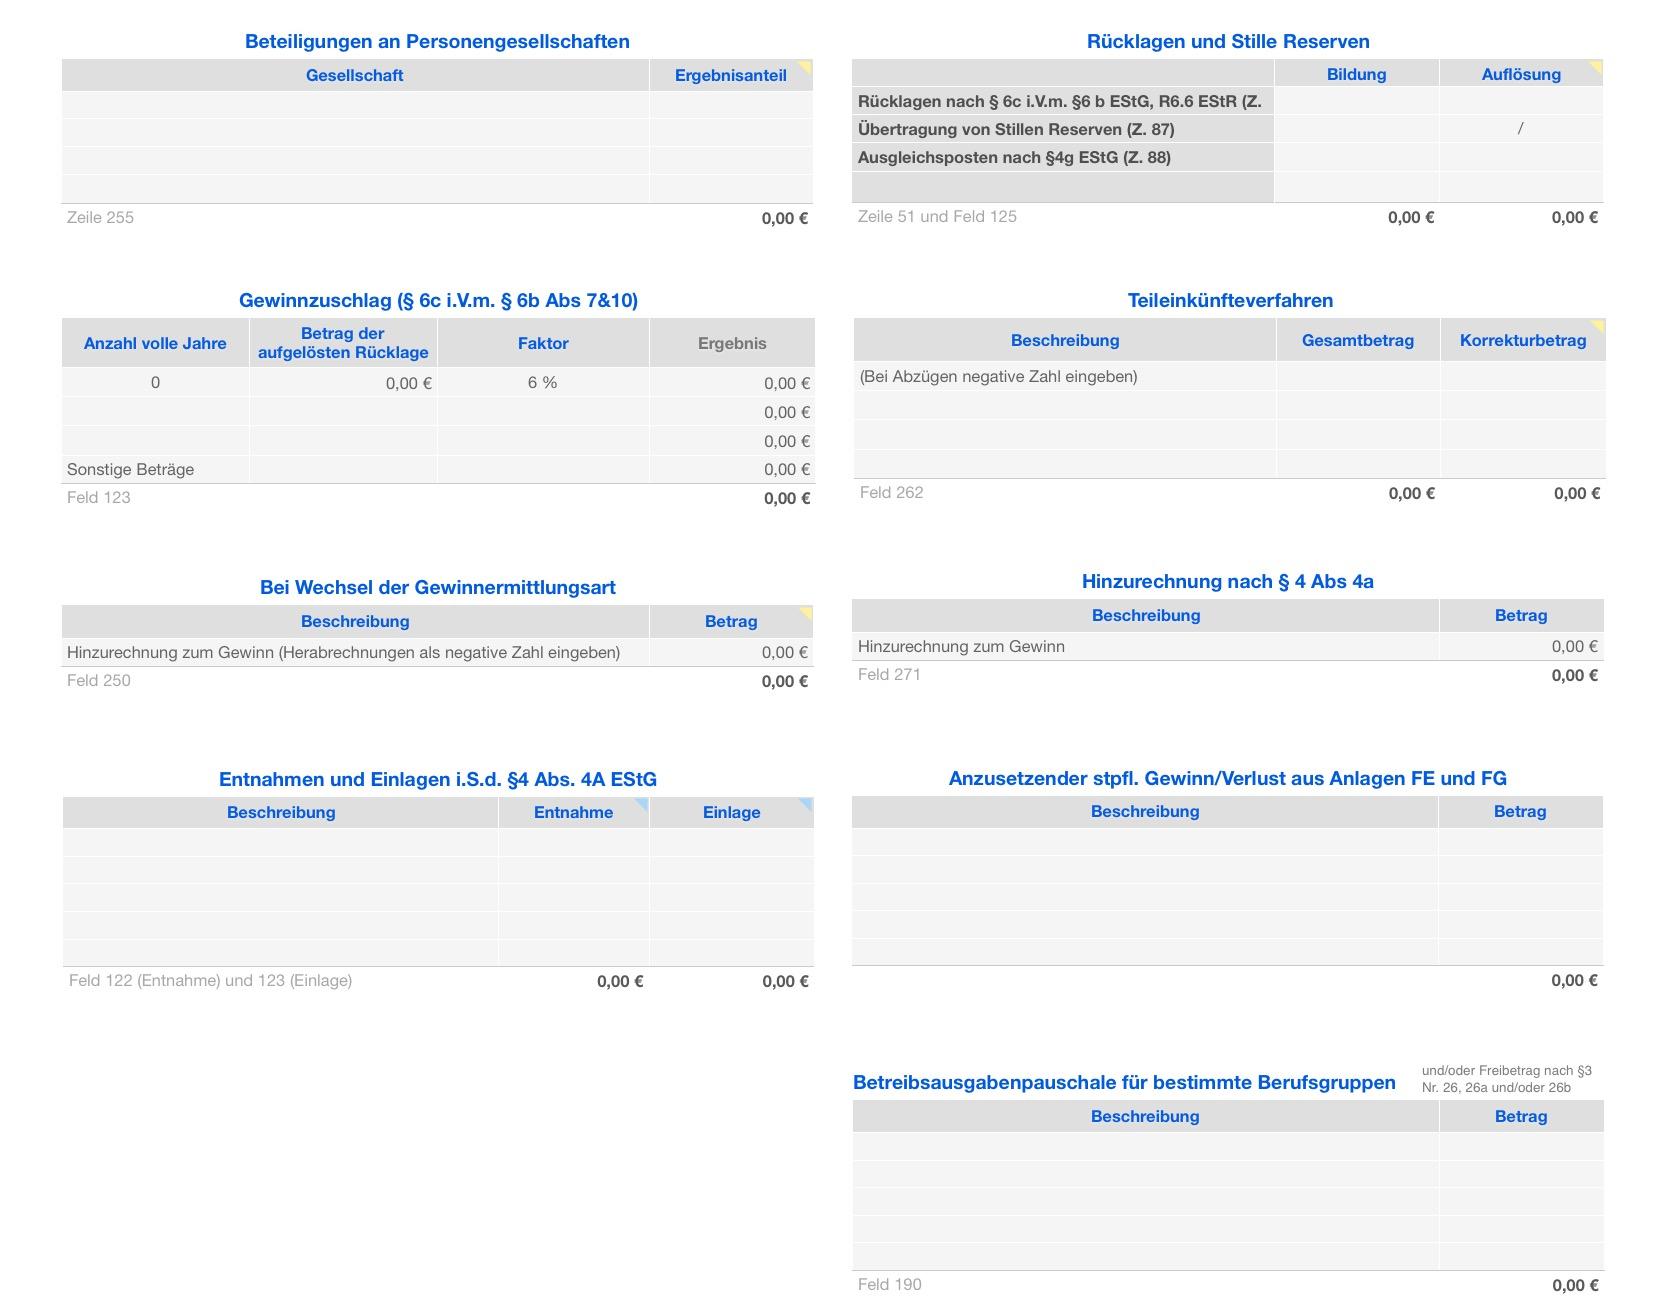 Schön Zusammenfassende Dokumentvorlage Fotos - Entry Level Resume ...